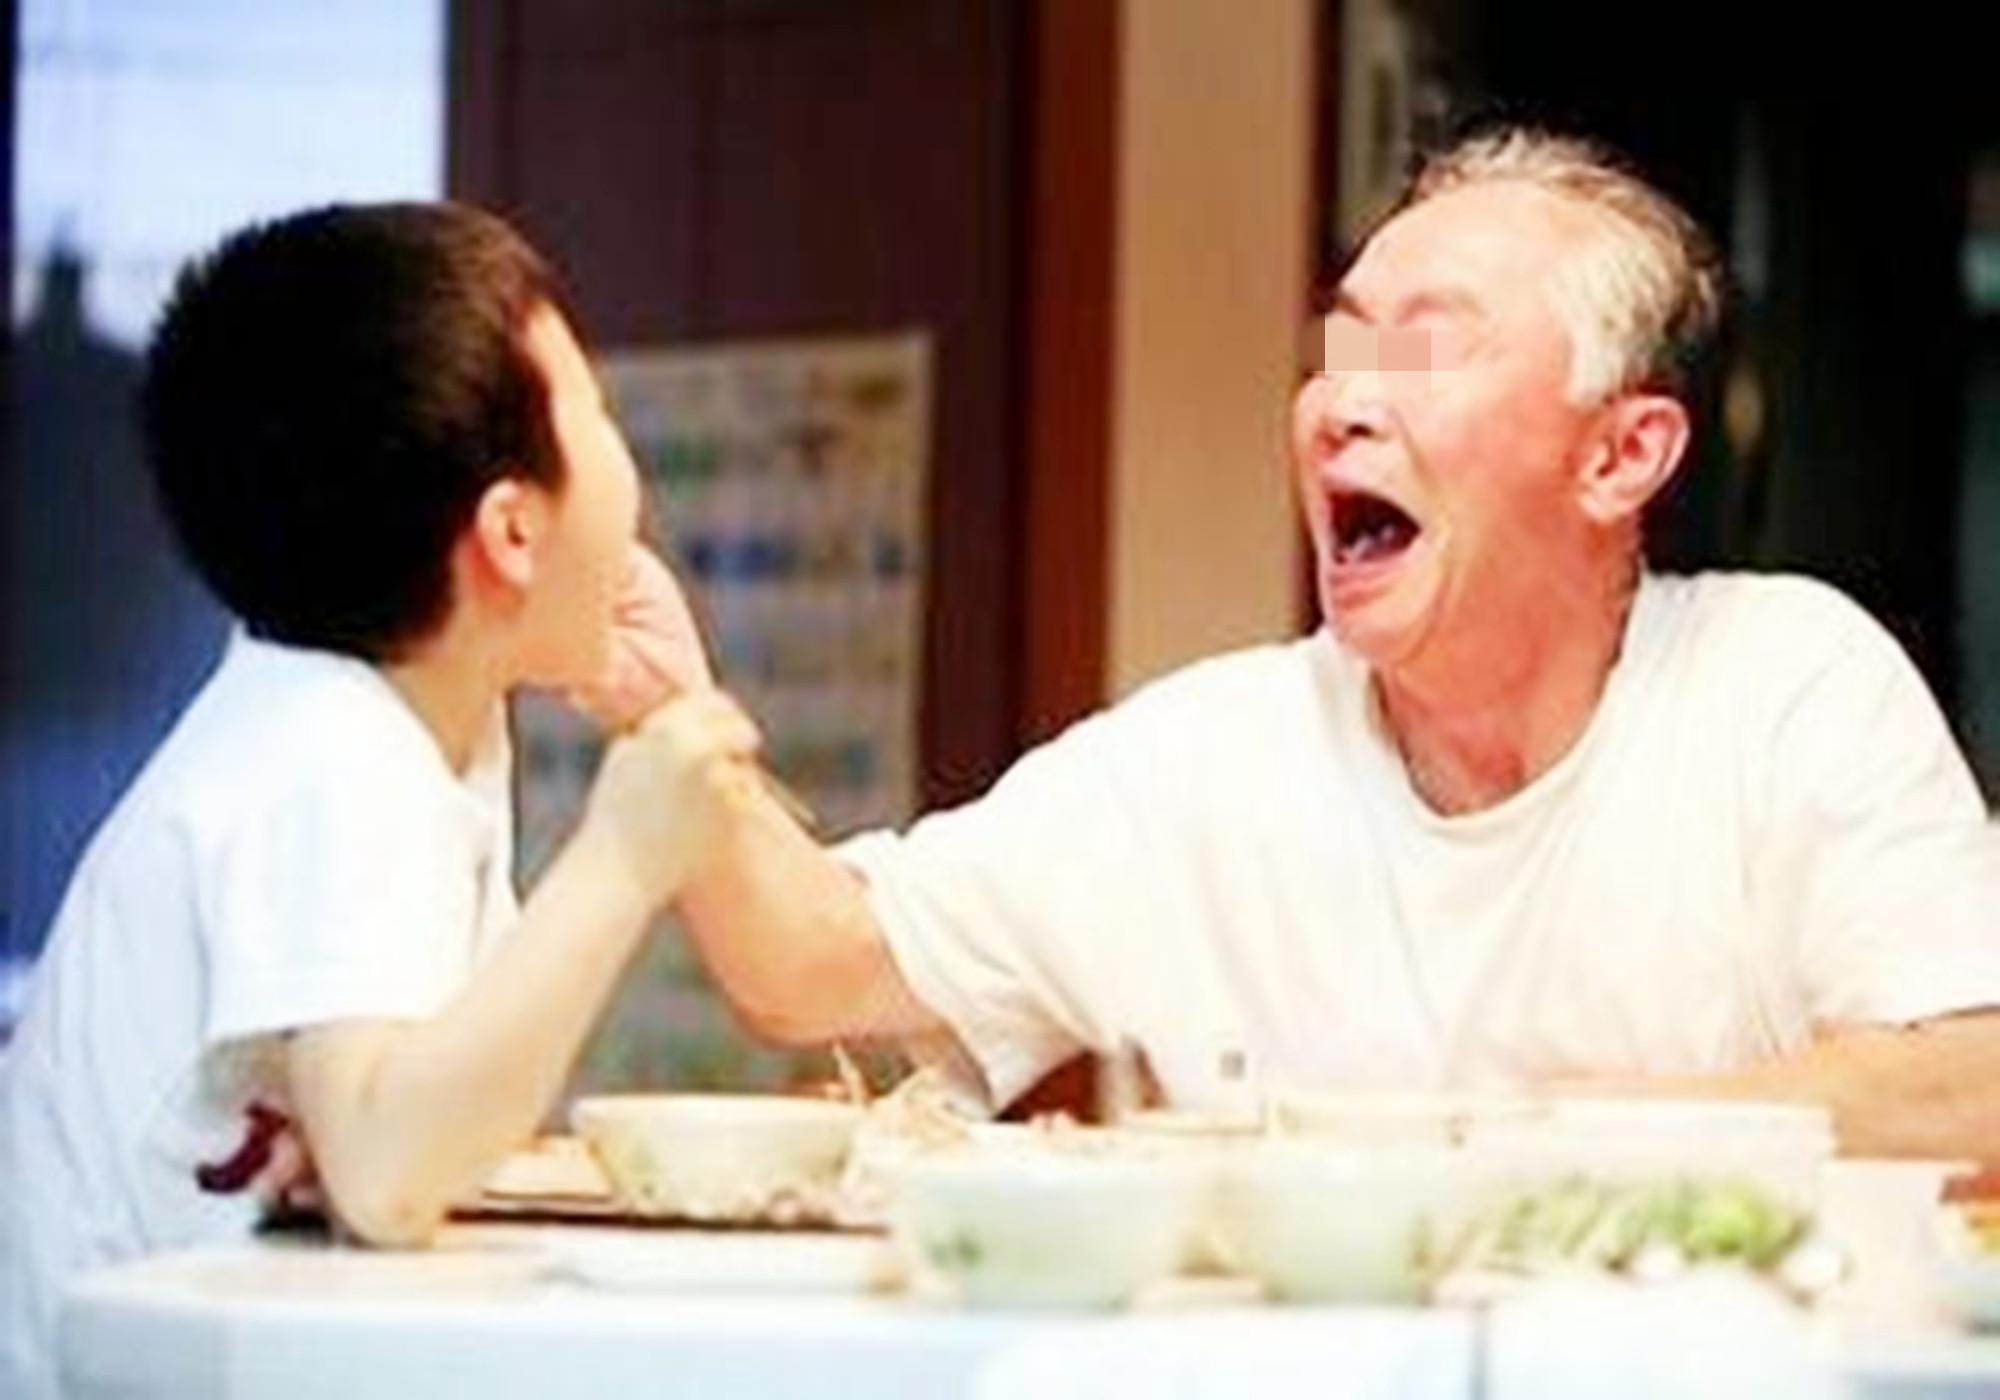 """一碗""""毒面条""""毁了三代人,身为家长要反思,现在改还来得及"""